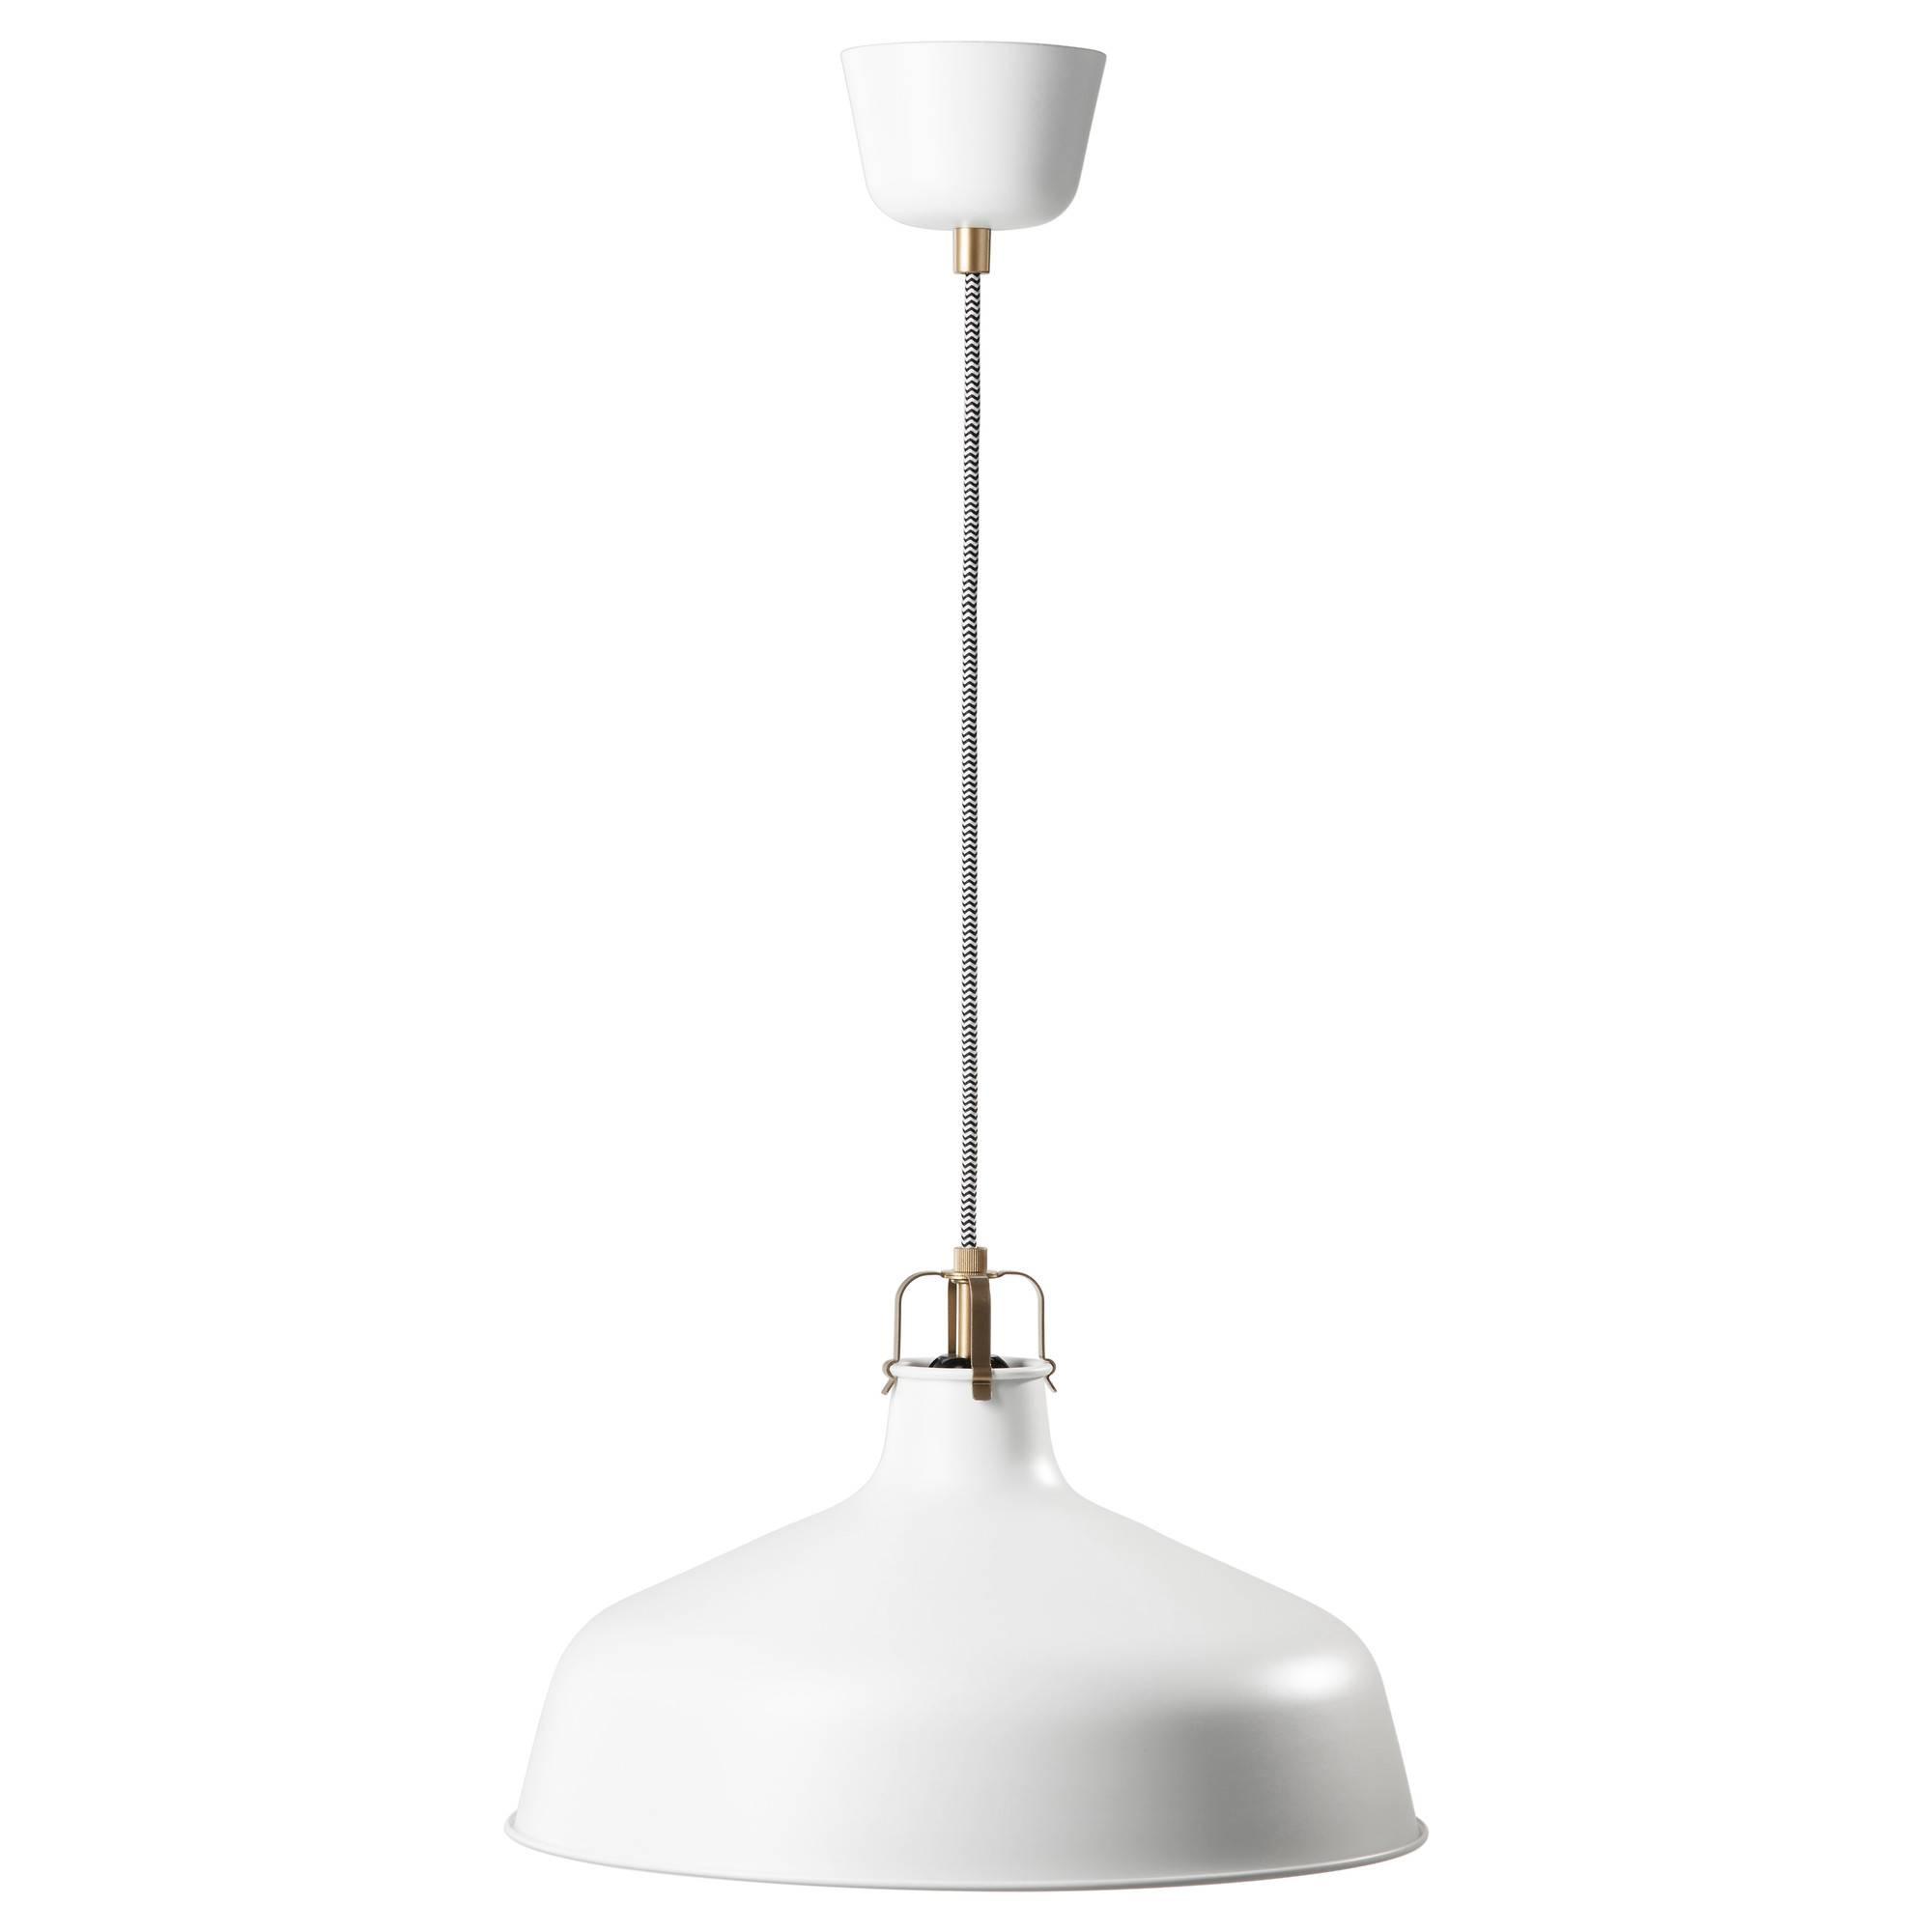 Ceiling Lights & Led Ceiling Lights | Ikea for Short Pendant Lights (Image 5 of 15)